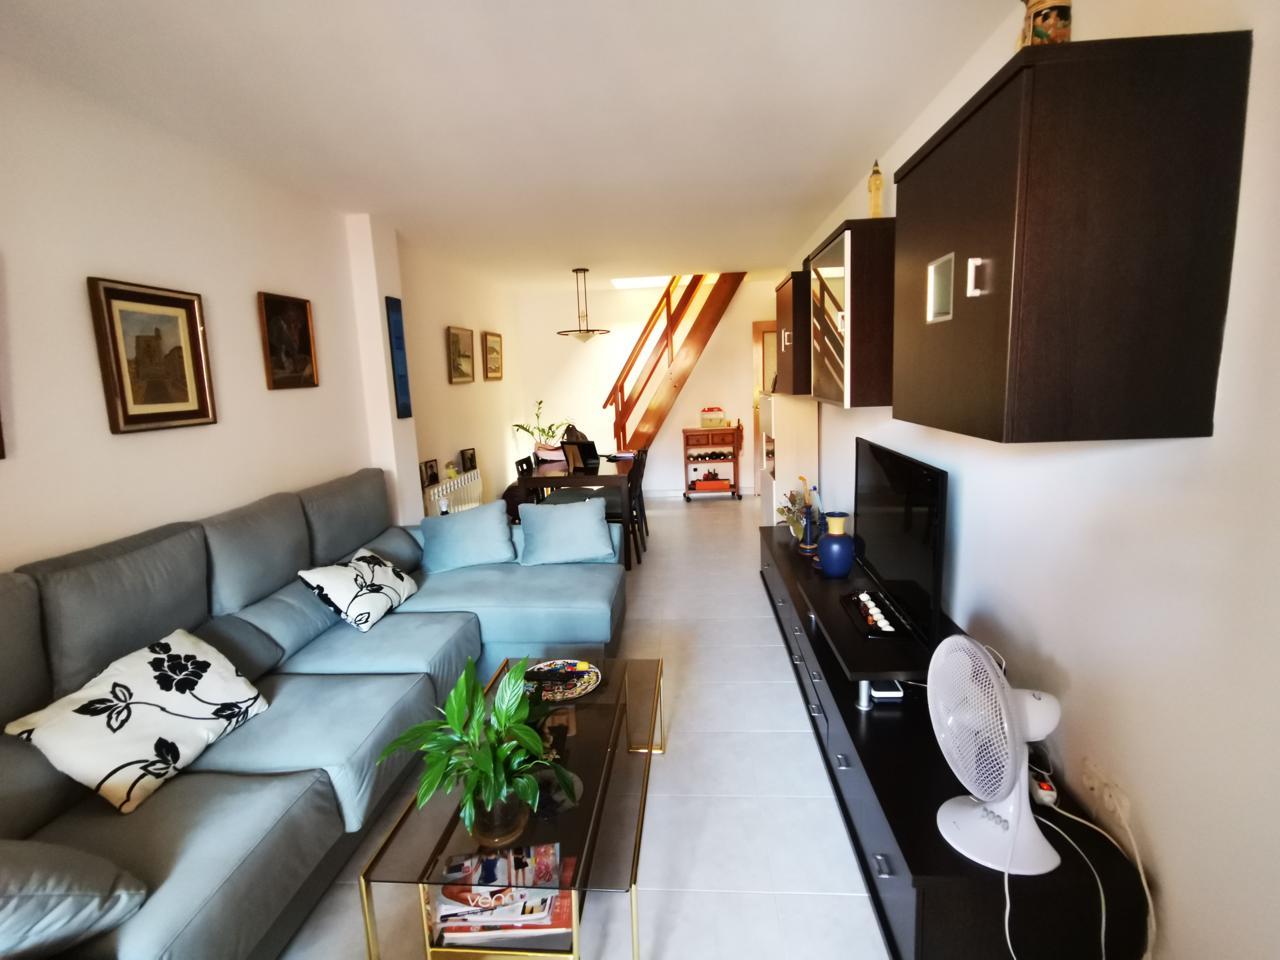 Pis  Calle carrer andreu tuyet i santamaria. Precioso duplex seminuevo. consta de 1 habitación doble, 1 suite